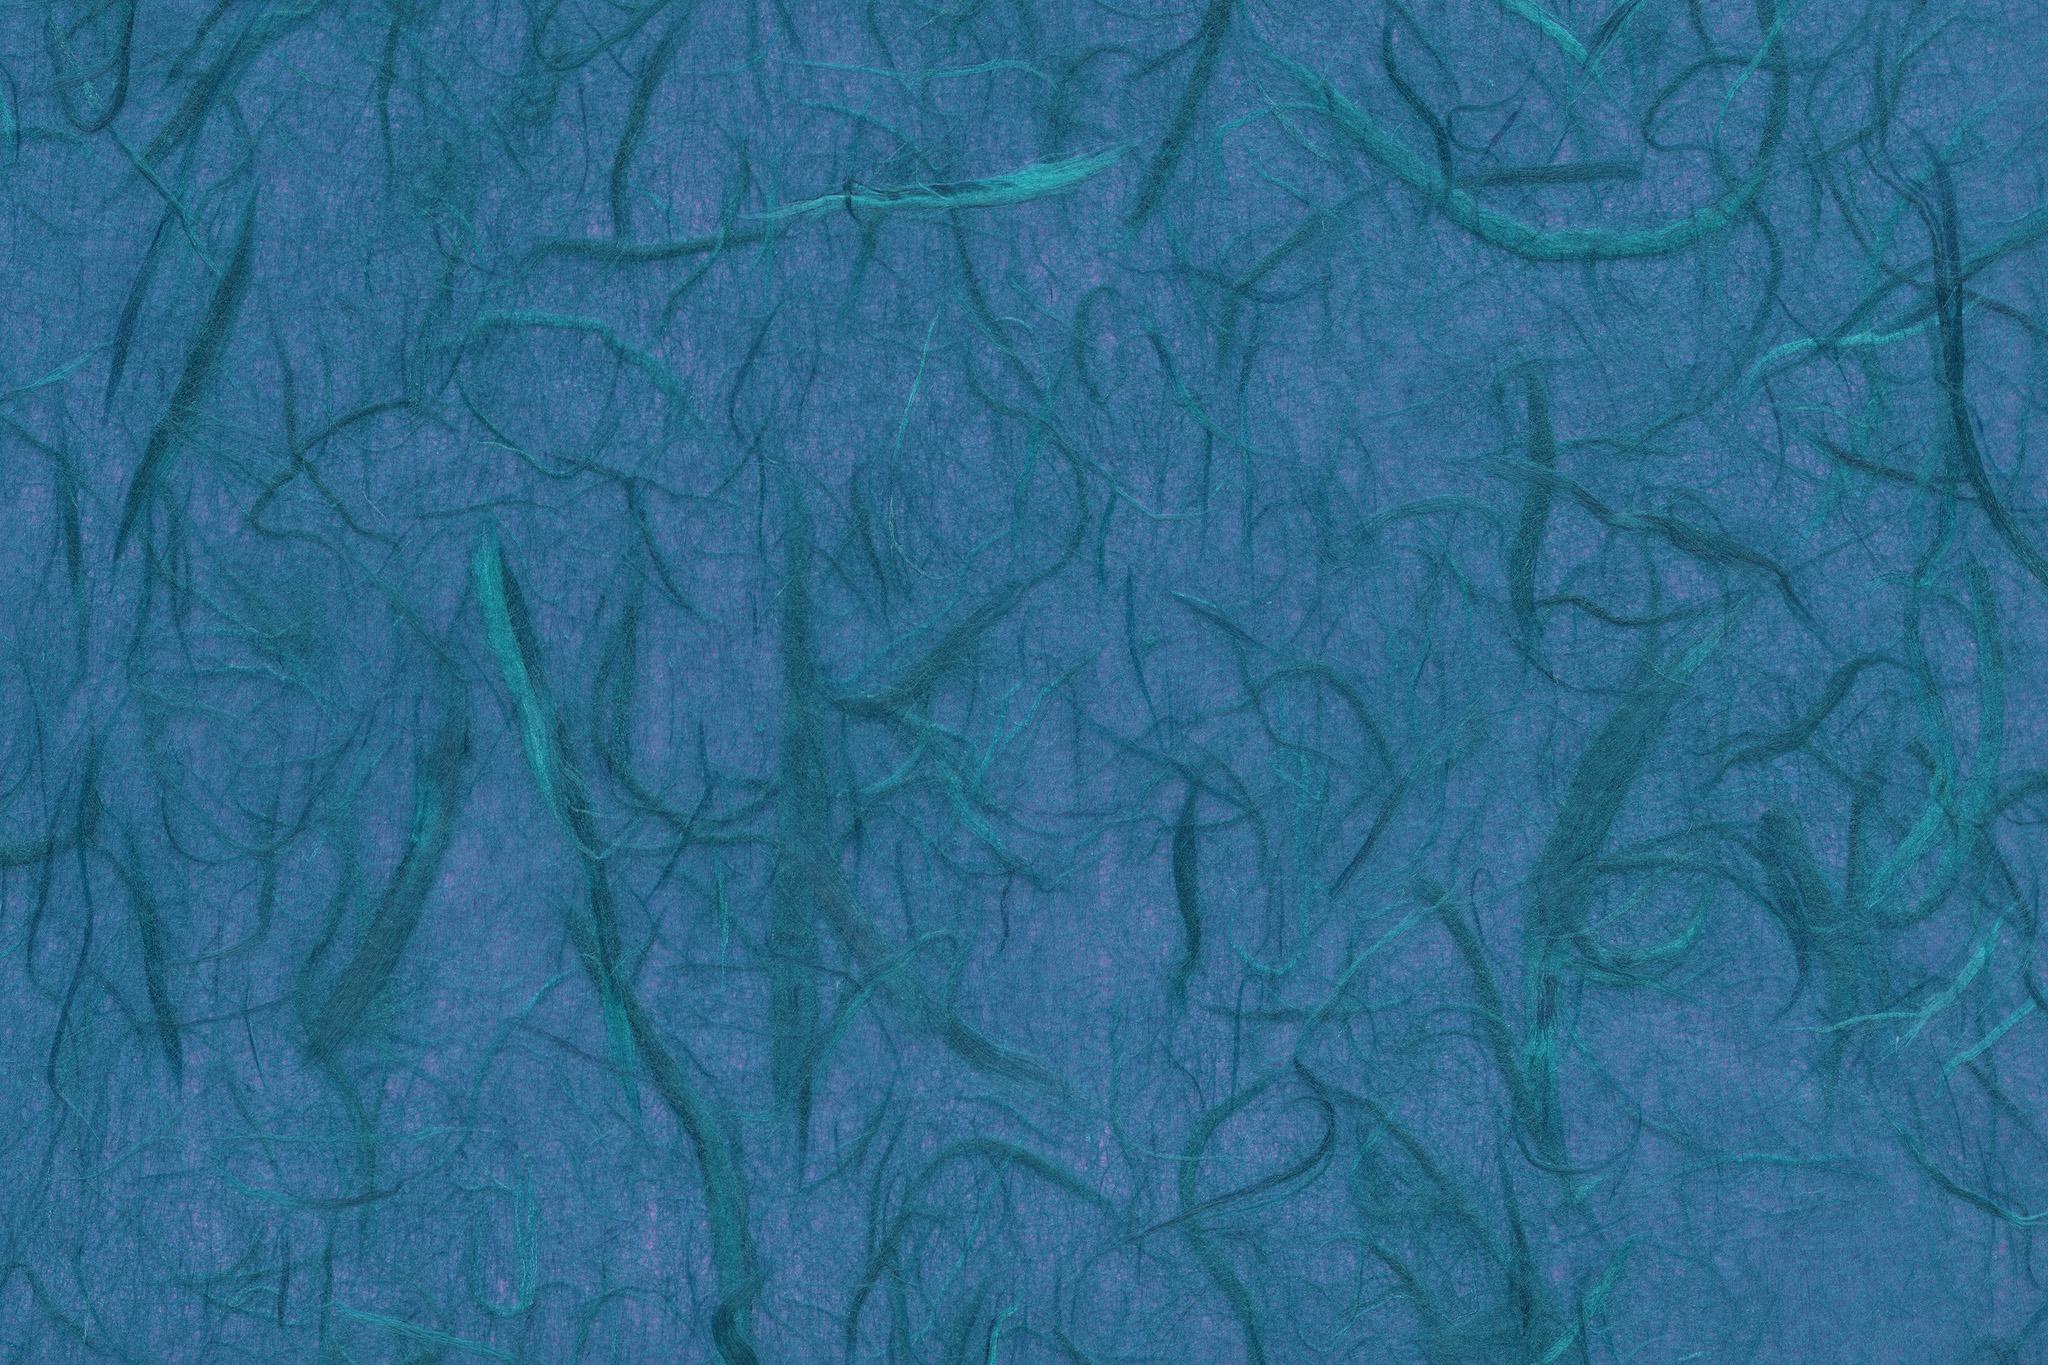 「青藍色の緑筋が入った和紙」